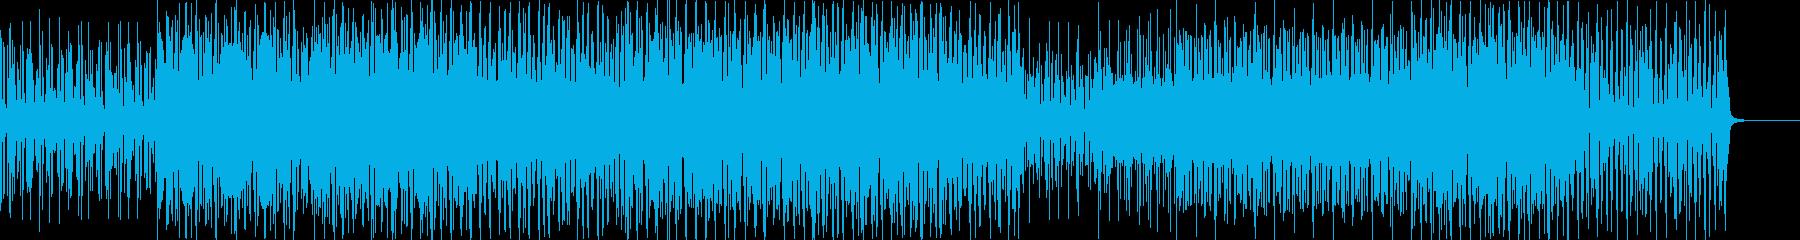 淡々としたサンバBGMの再生済みの波形